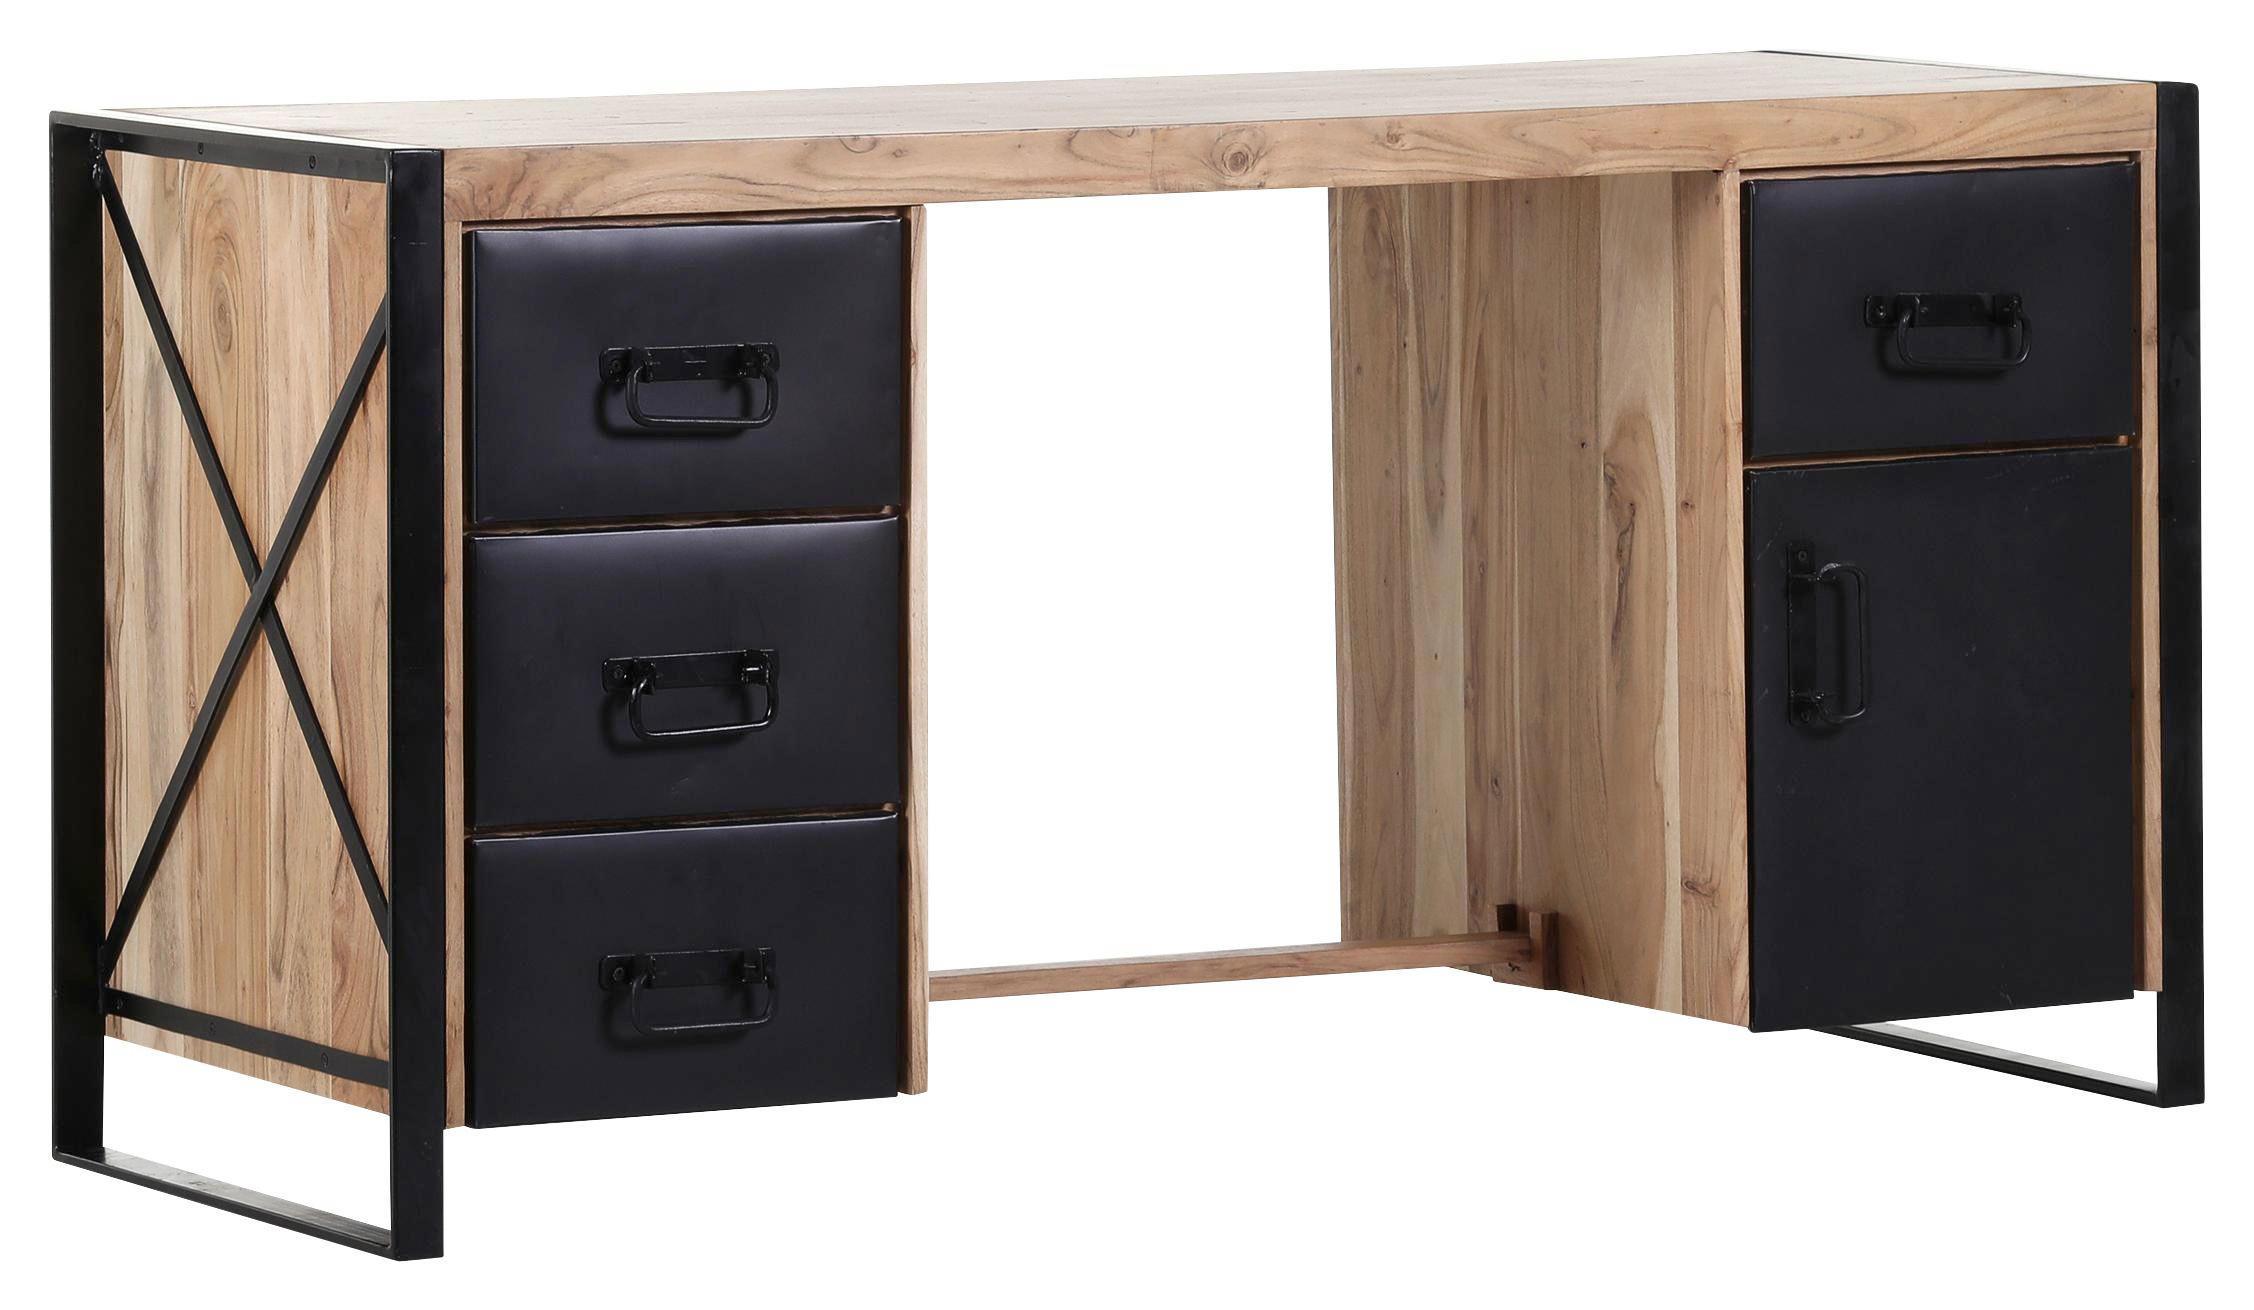 Schreibtisch holz modern  SCHREIBTISCH Akazie massiv Naturfarben online kaufen ➤ XXXLShop